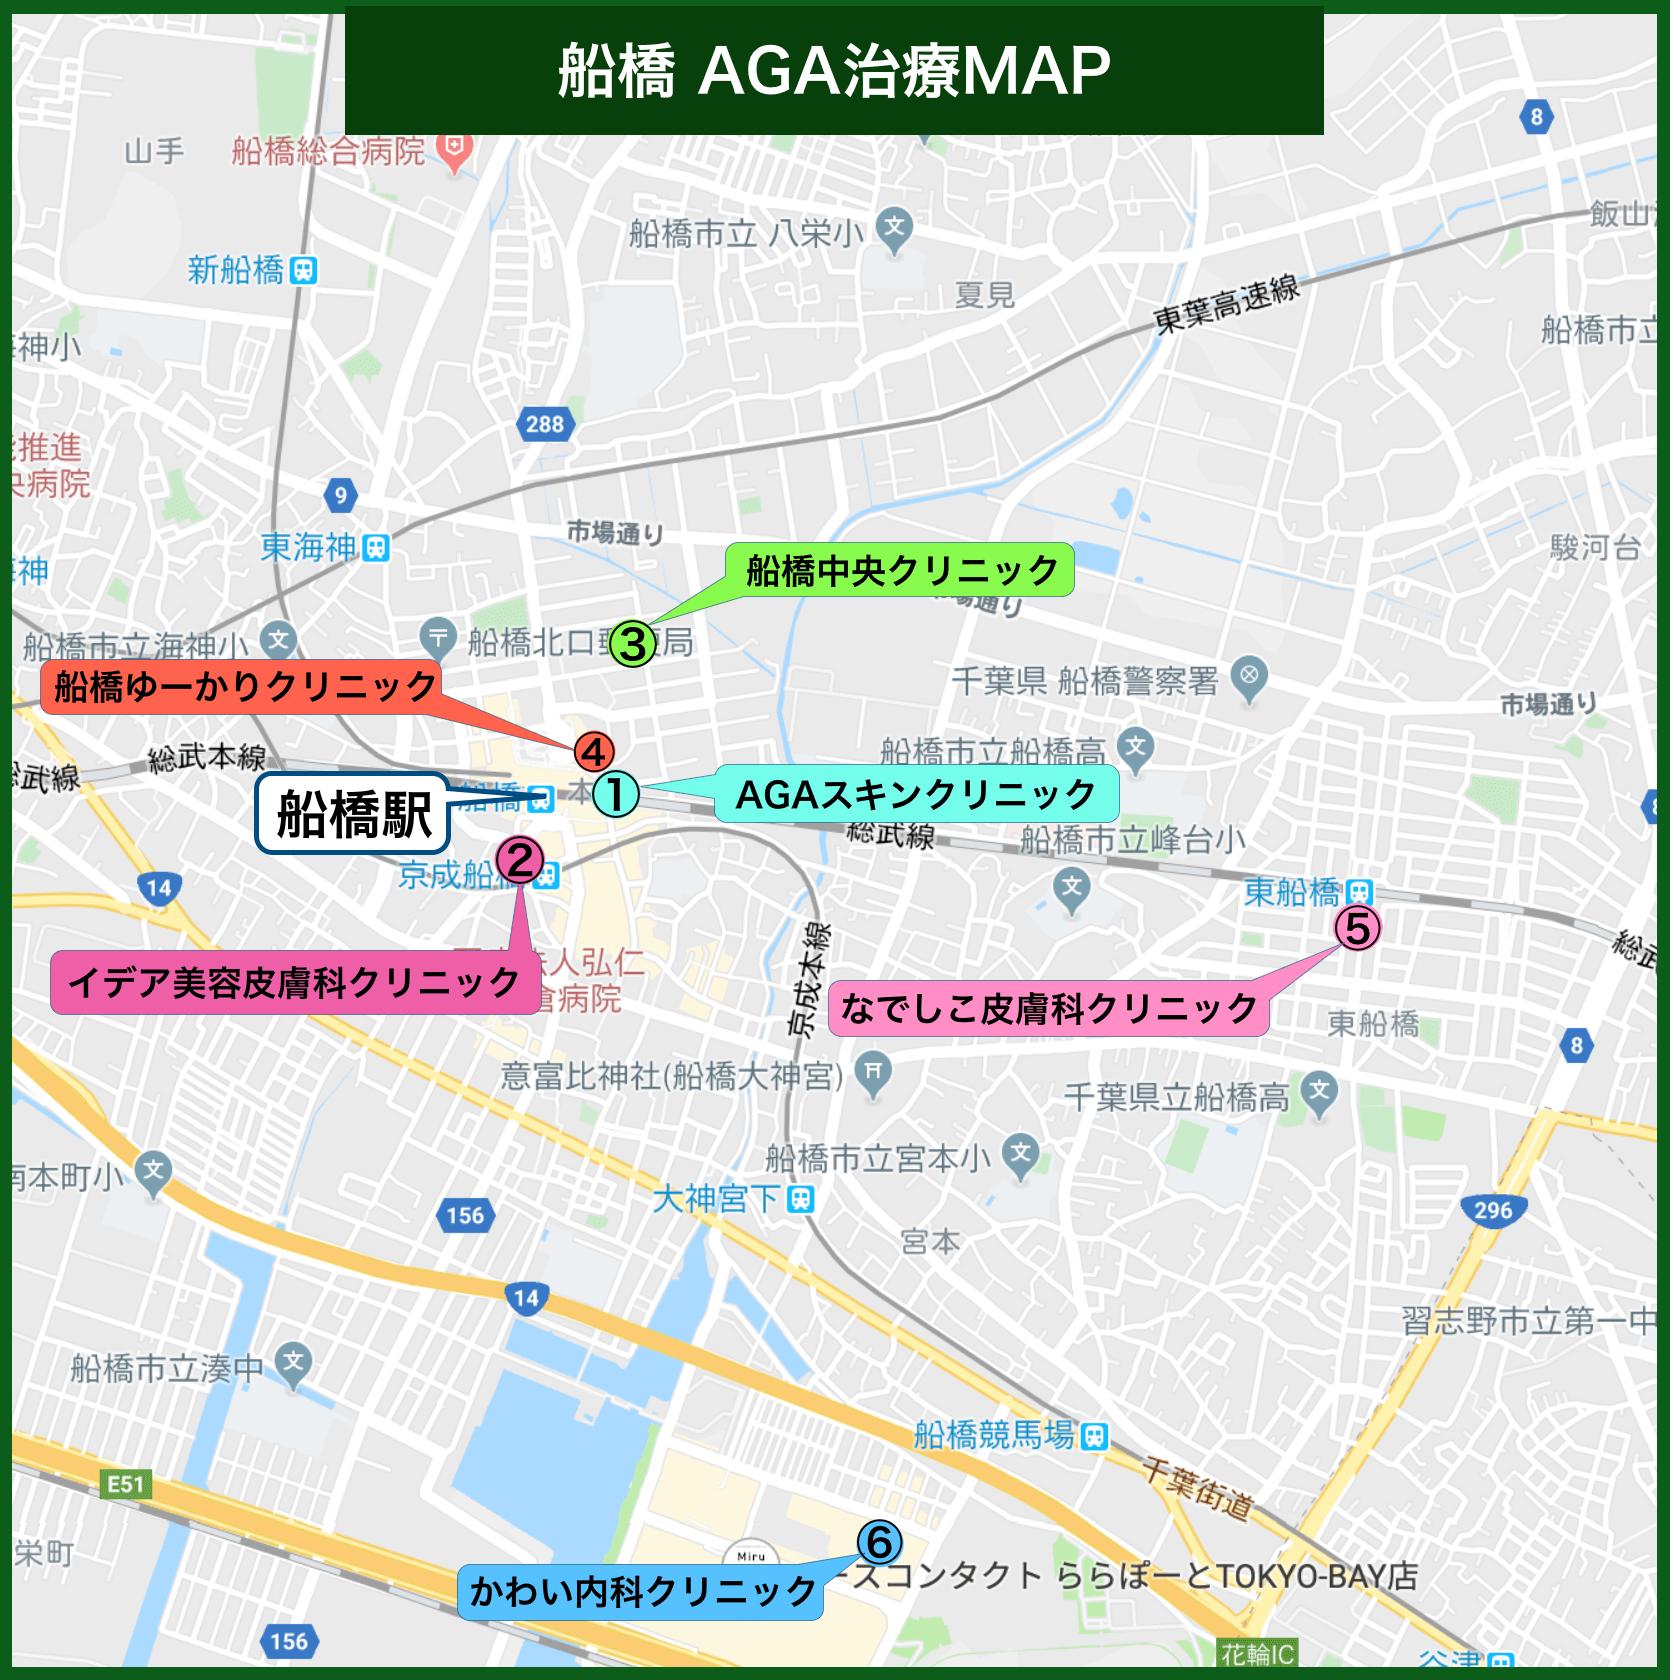 船橋AGA治療MAP(2020年版)